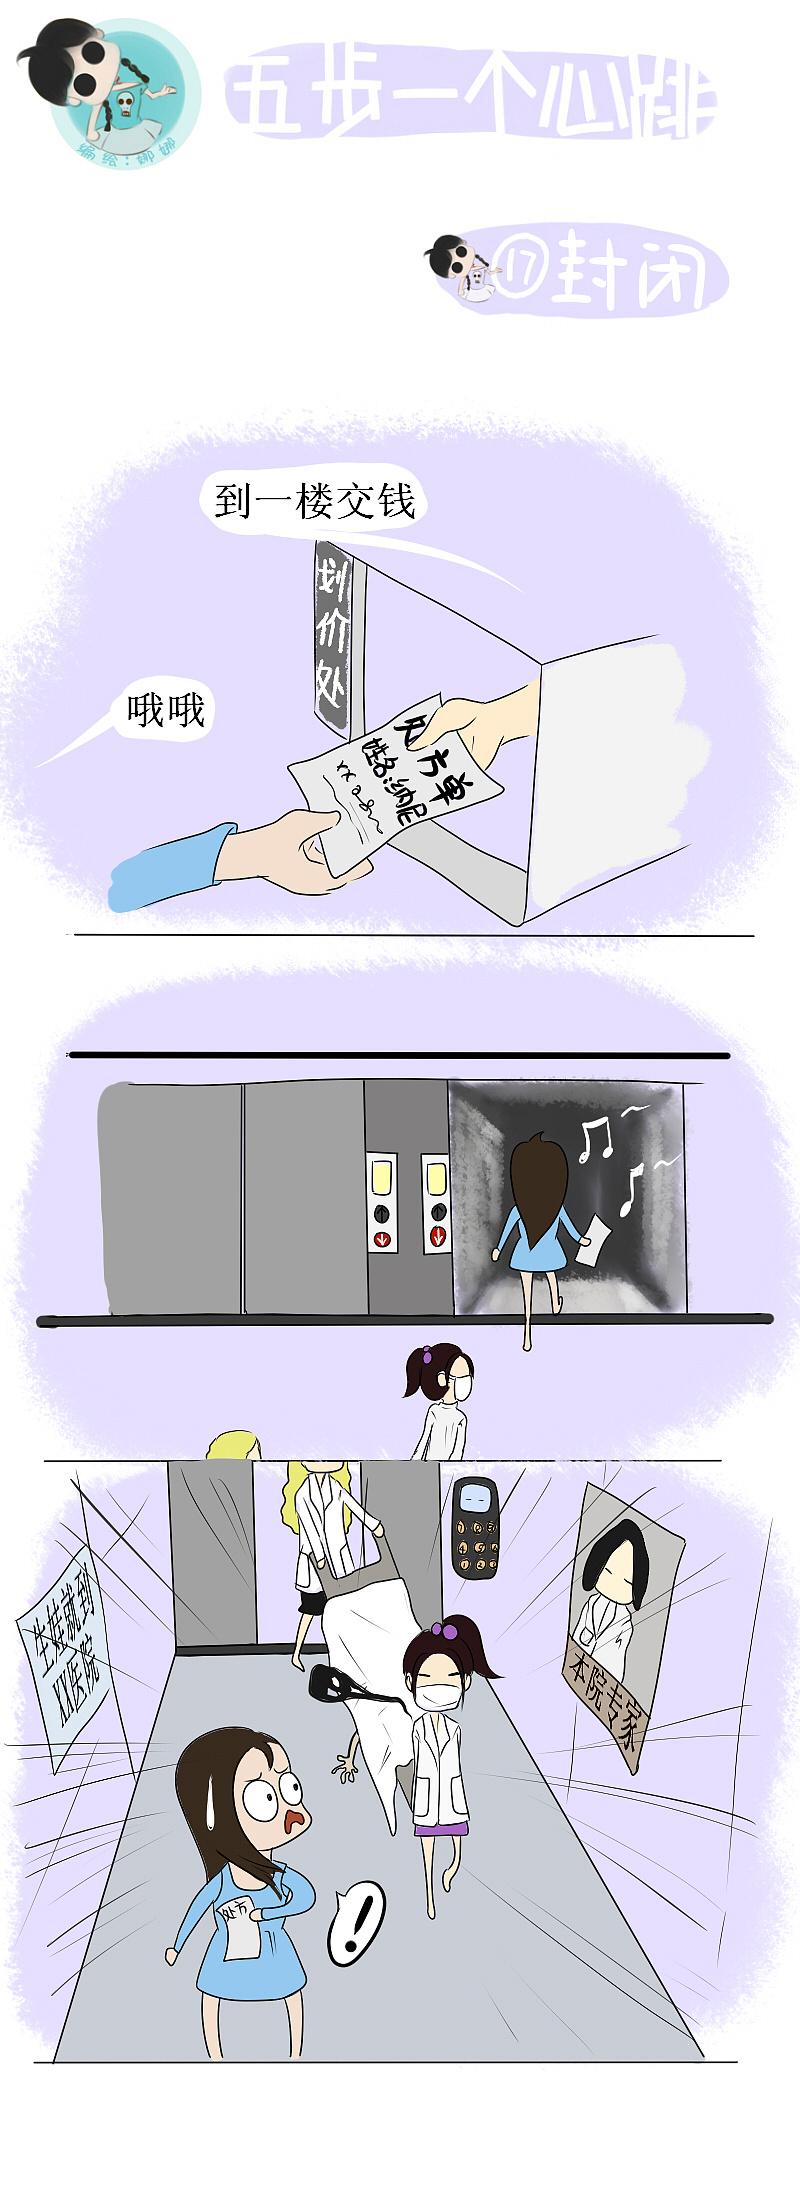 漫画五步一个心跳1719话动漫短篇/四格漫画不